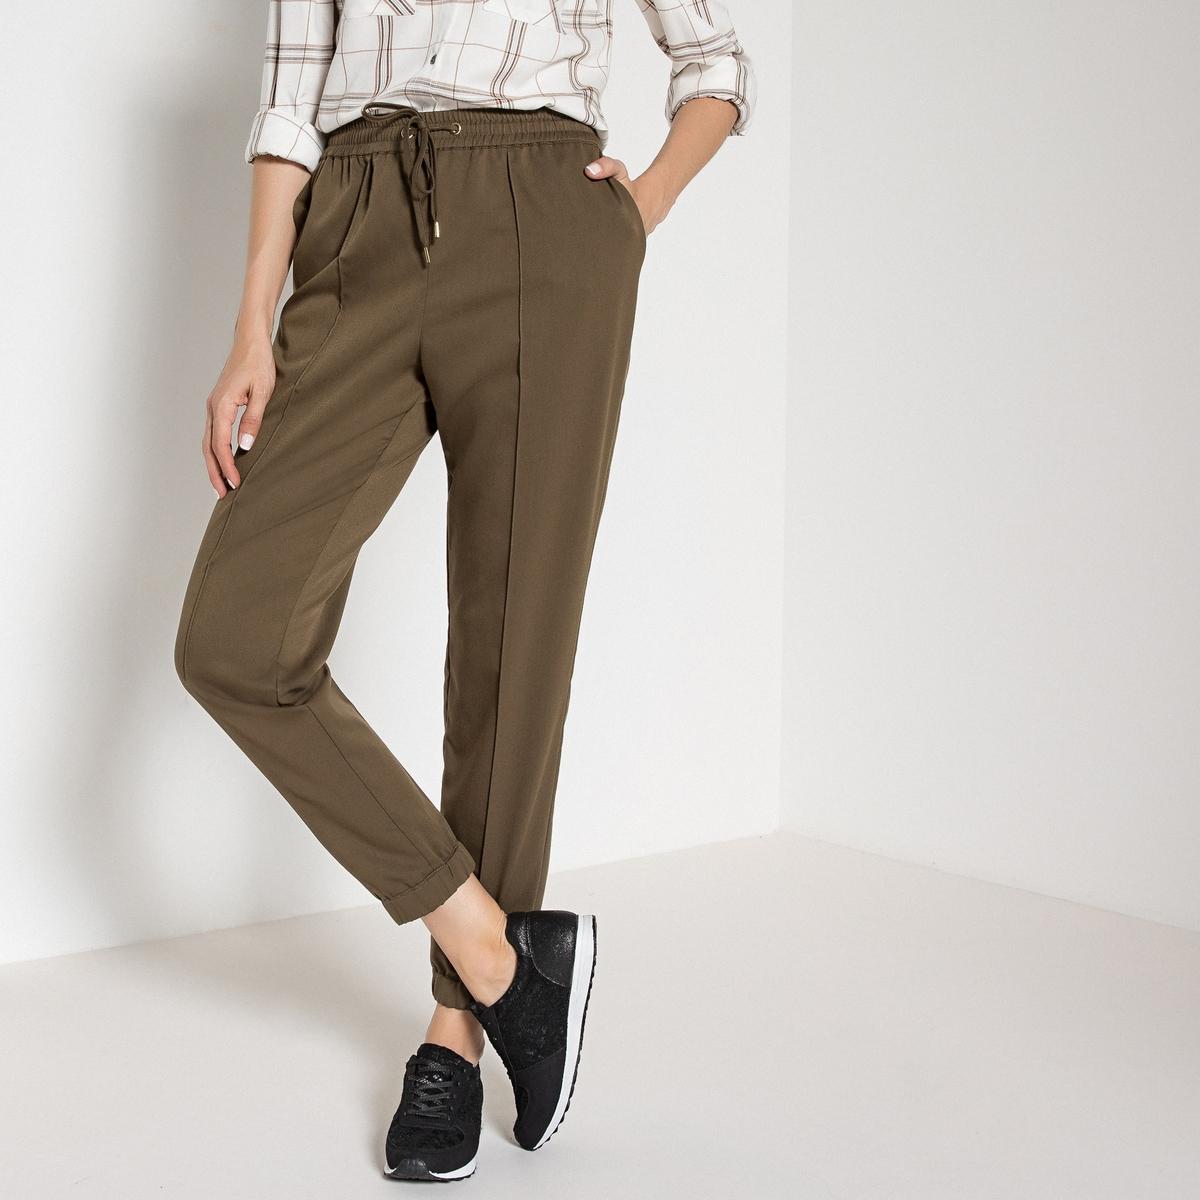 Imagen principal de producto de Pantalón recto con cintura elástica detrás - Anne weyburn